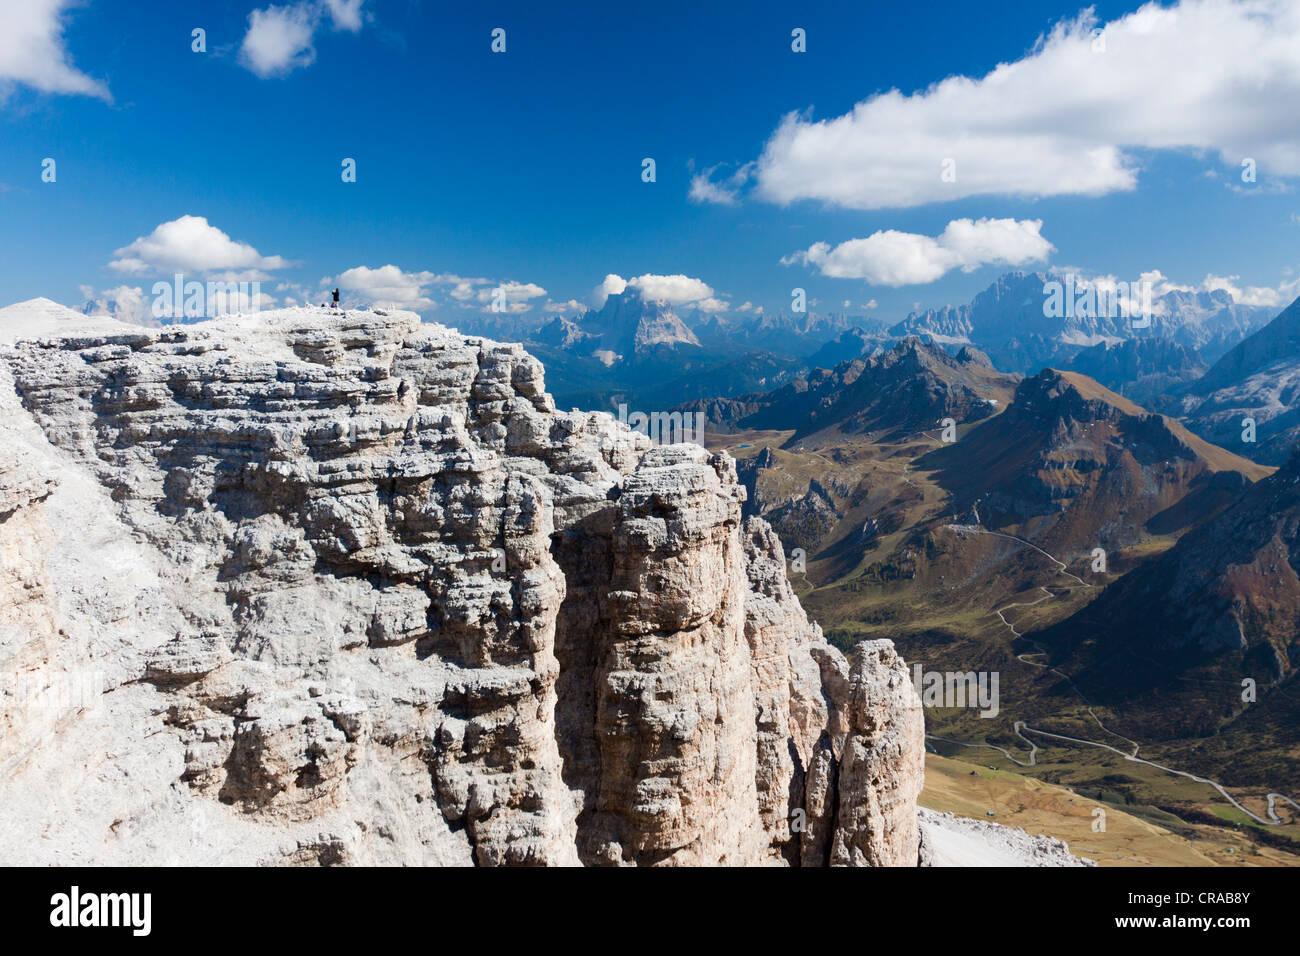 View From Sass Pordoi Sella Group Sella Ronda Dolomites Italy